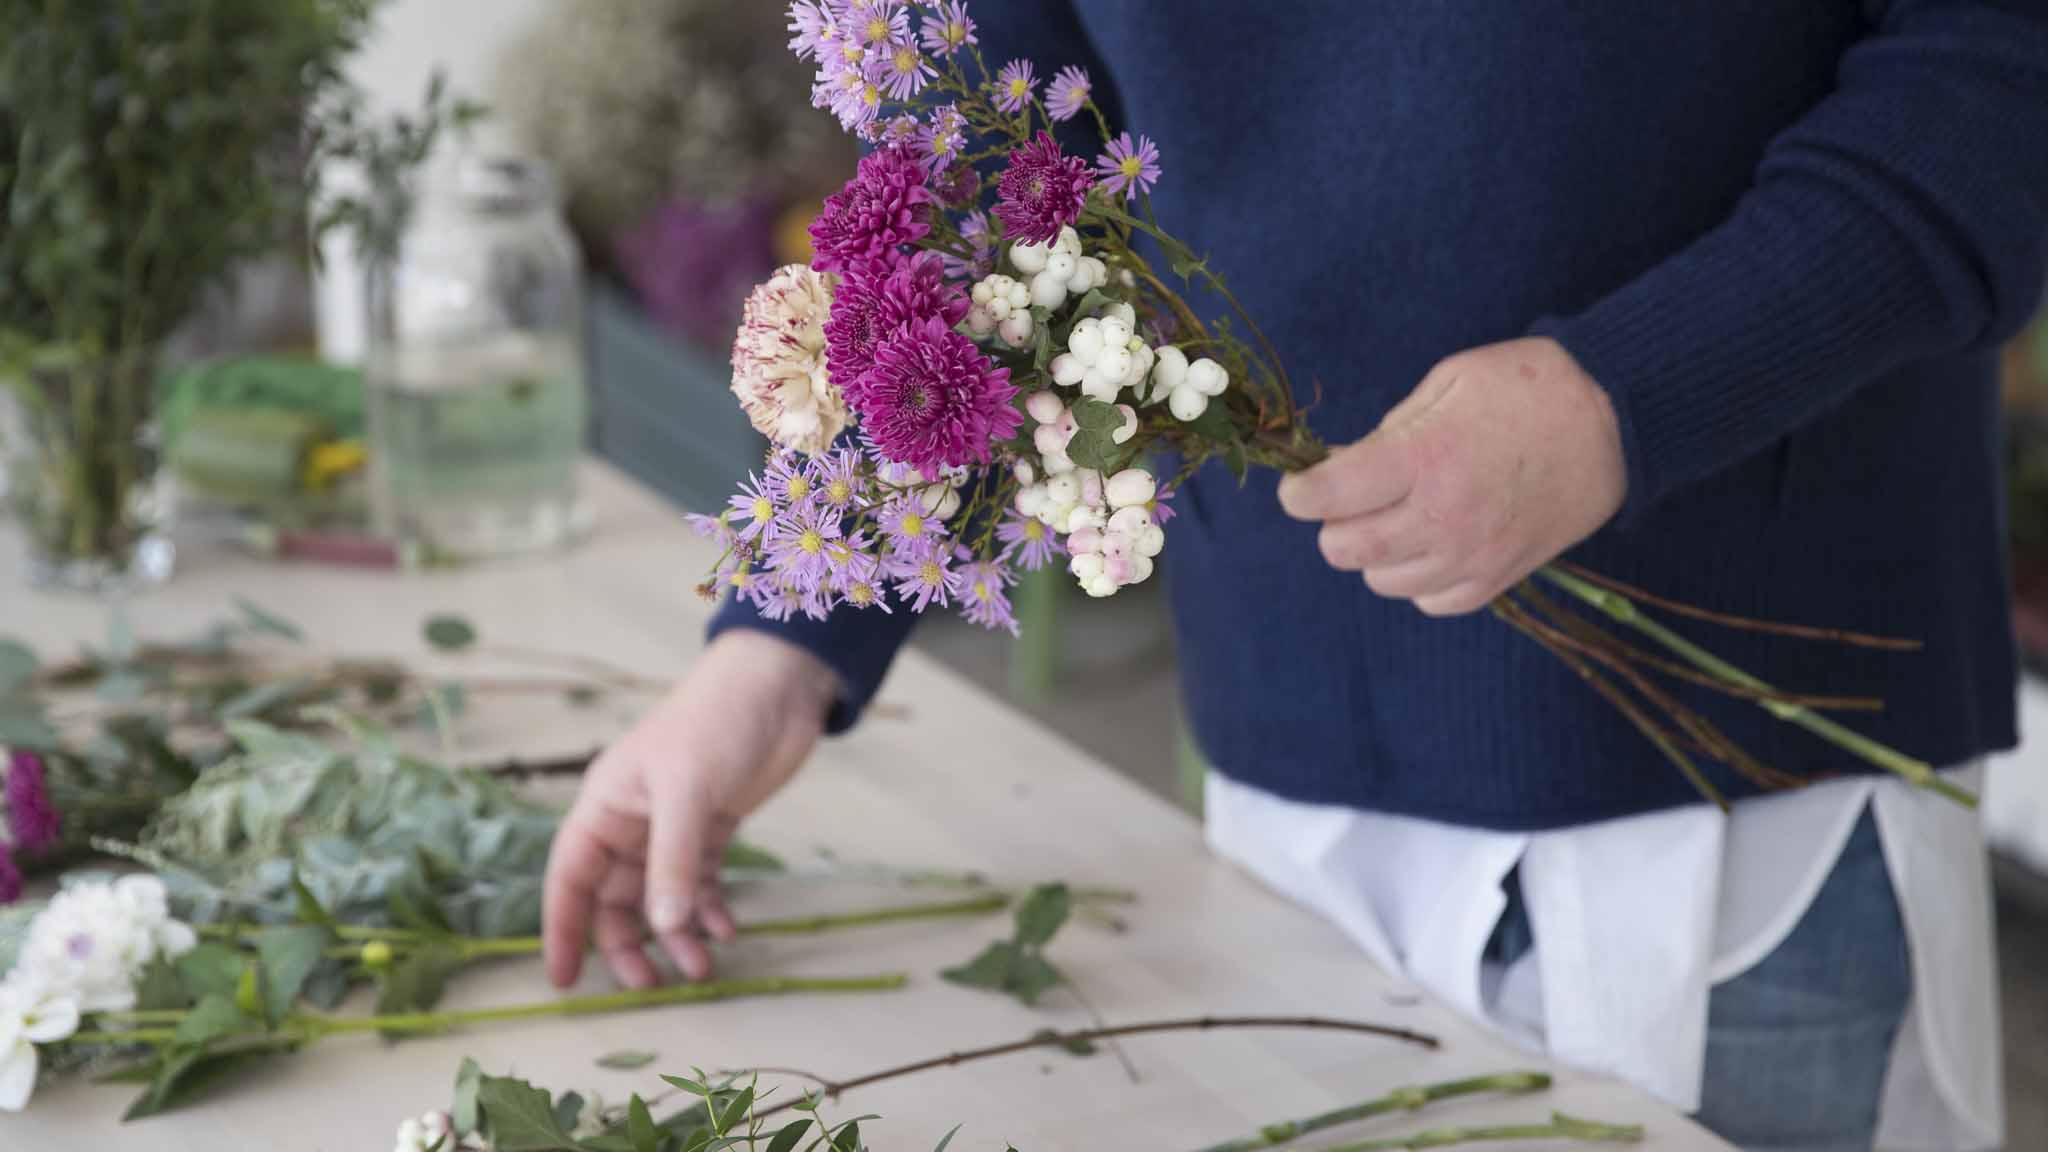 Teamevent-Blumen binden-Bild1